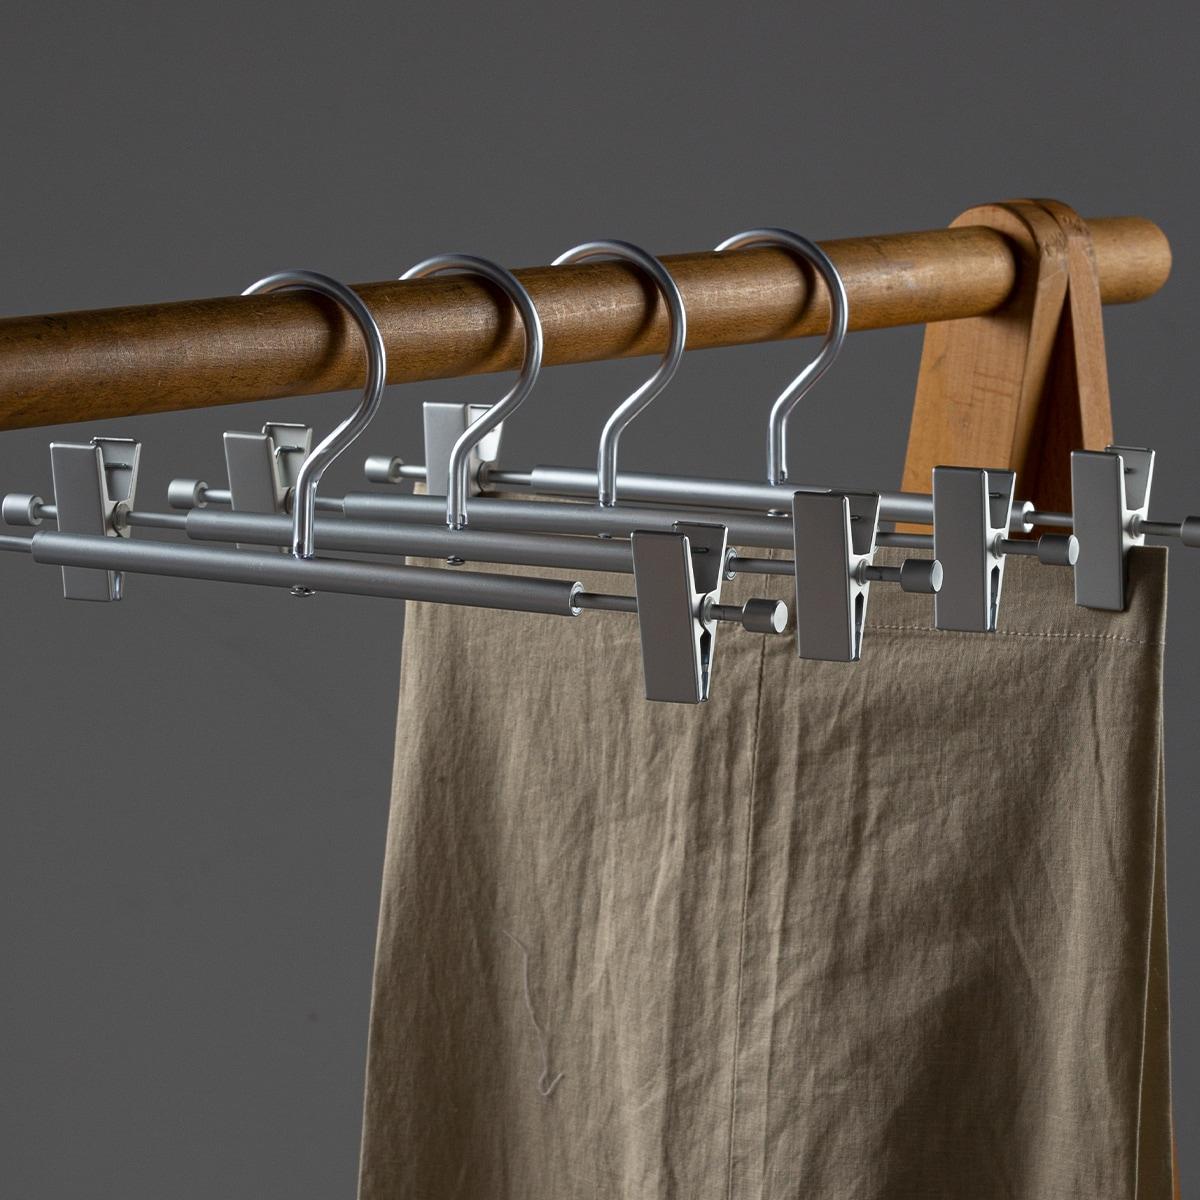 1шт металлическая вешалка для брюк